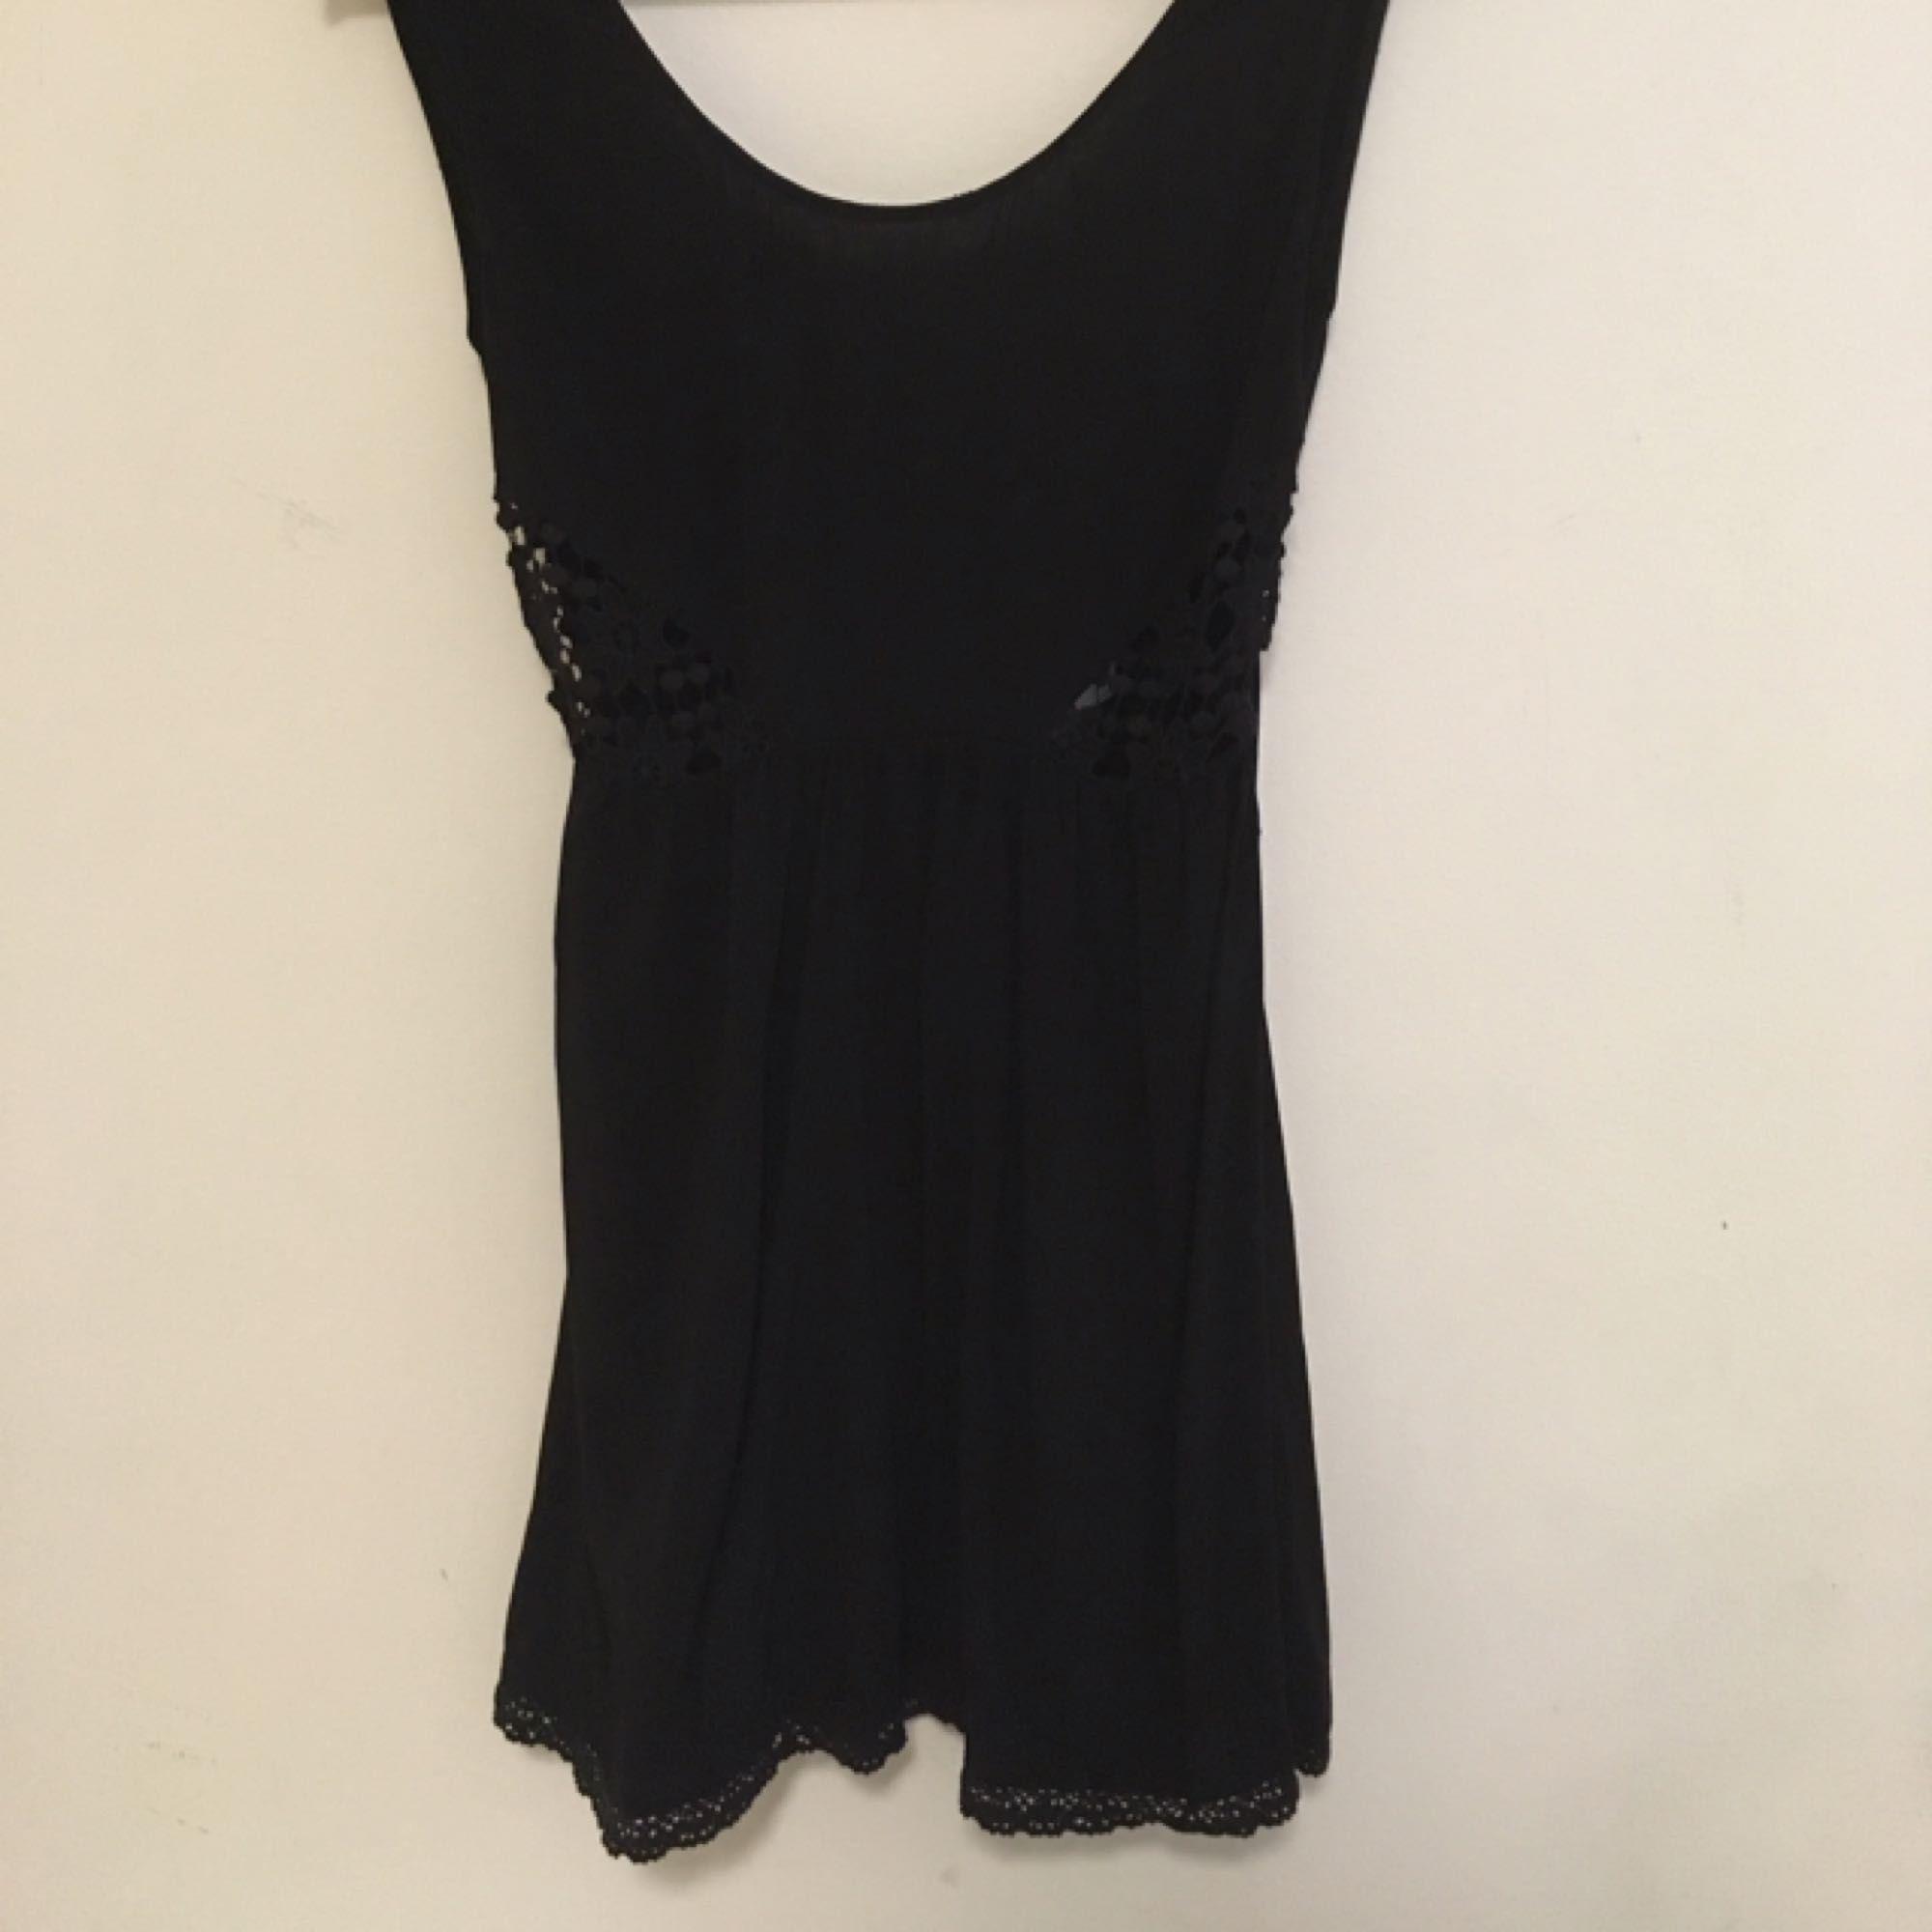 2f8c9fc4b096 Superfin svart klänning med öppen rygg. Virkat parti precis under bysten  (se bild 2 ...